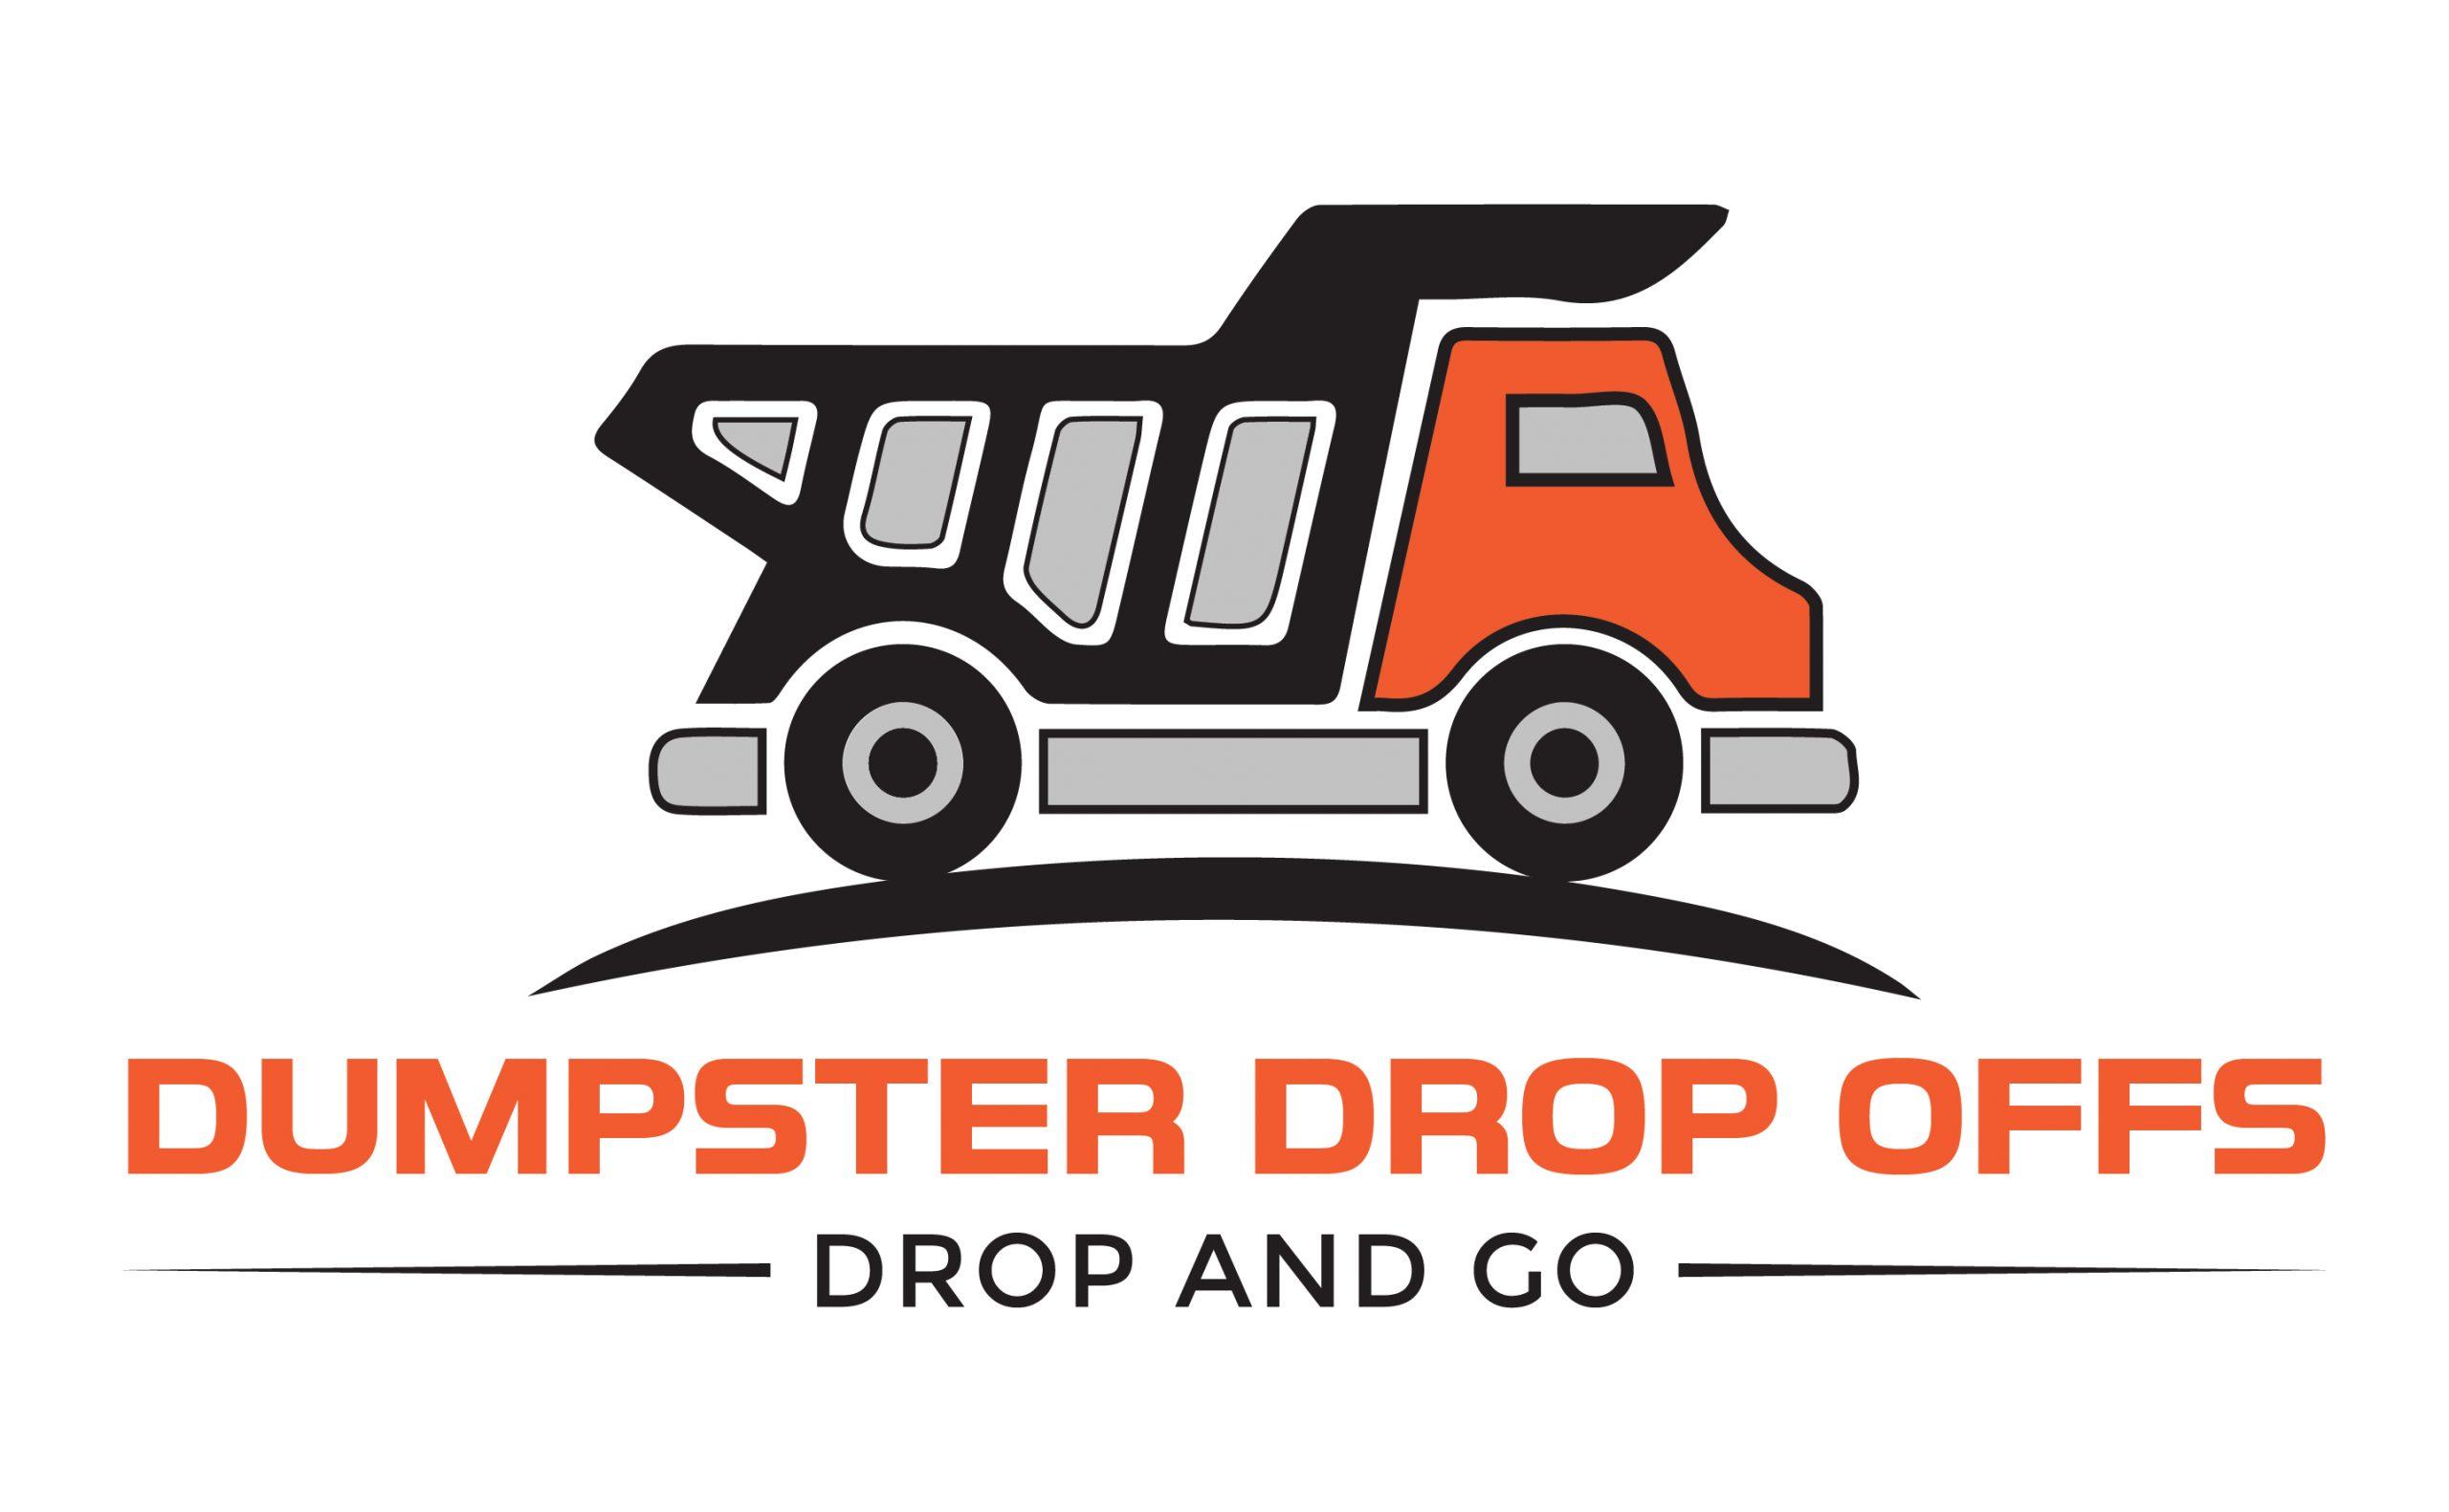 Dumpster Drop Offs